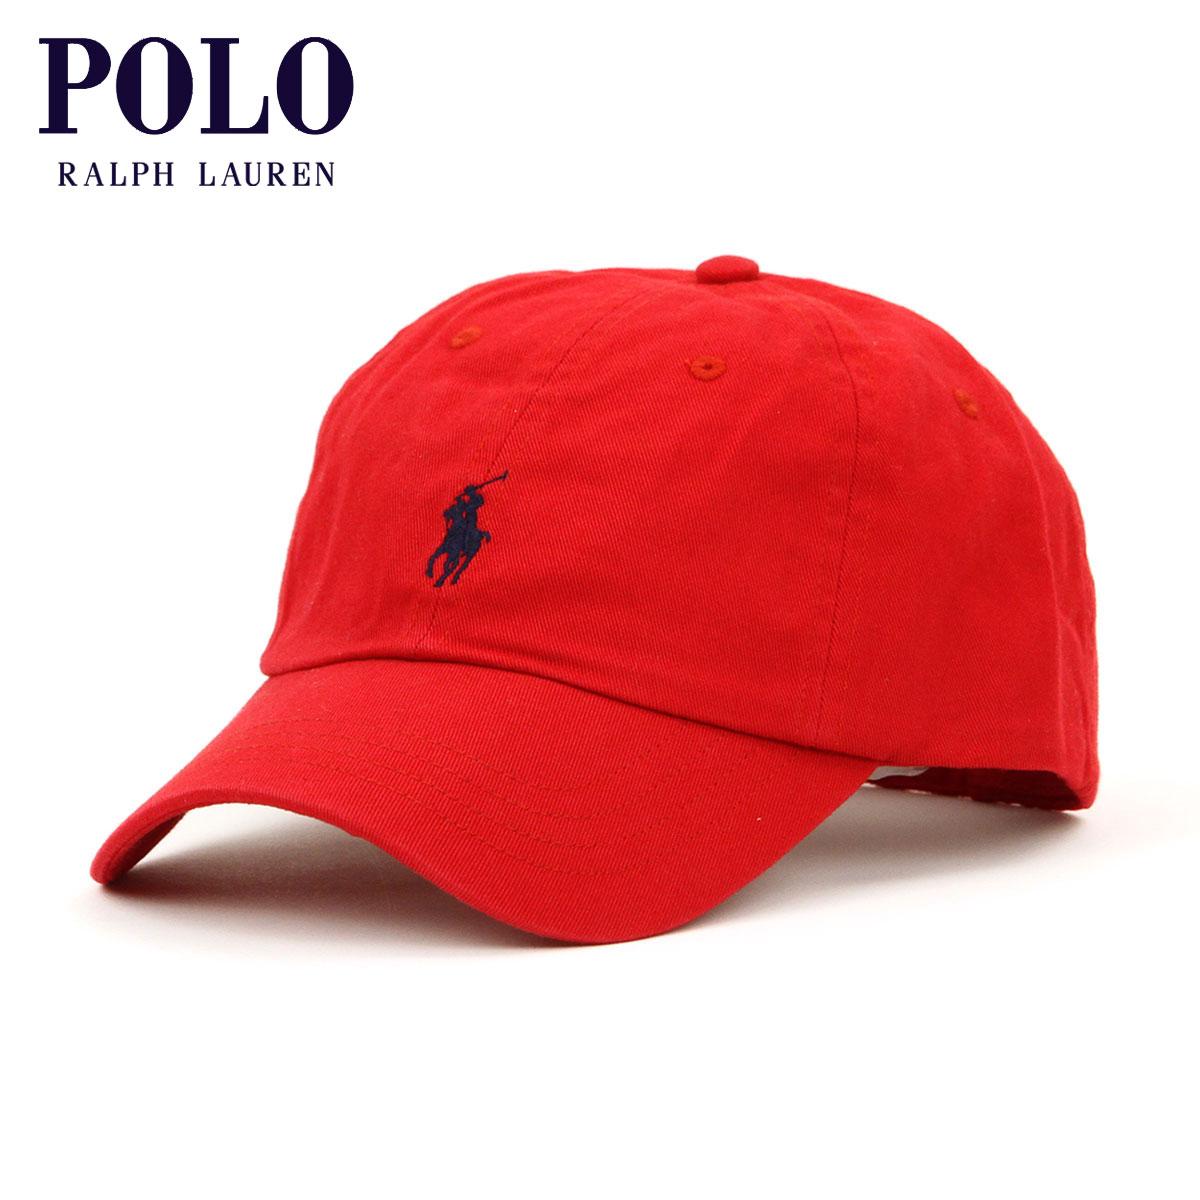 4b049c9311bc6 Polo Ralph Lauren POLO RALPH LAUREN regular article men hat cap COTTON  CHINO BASEBALL CAP D00S15